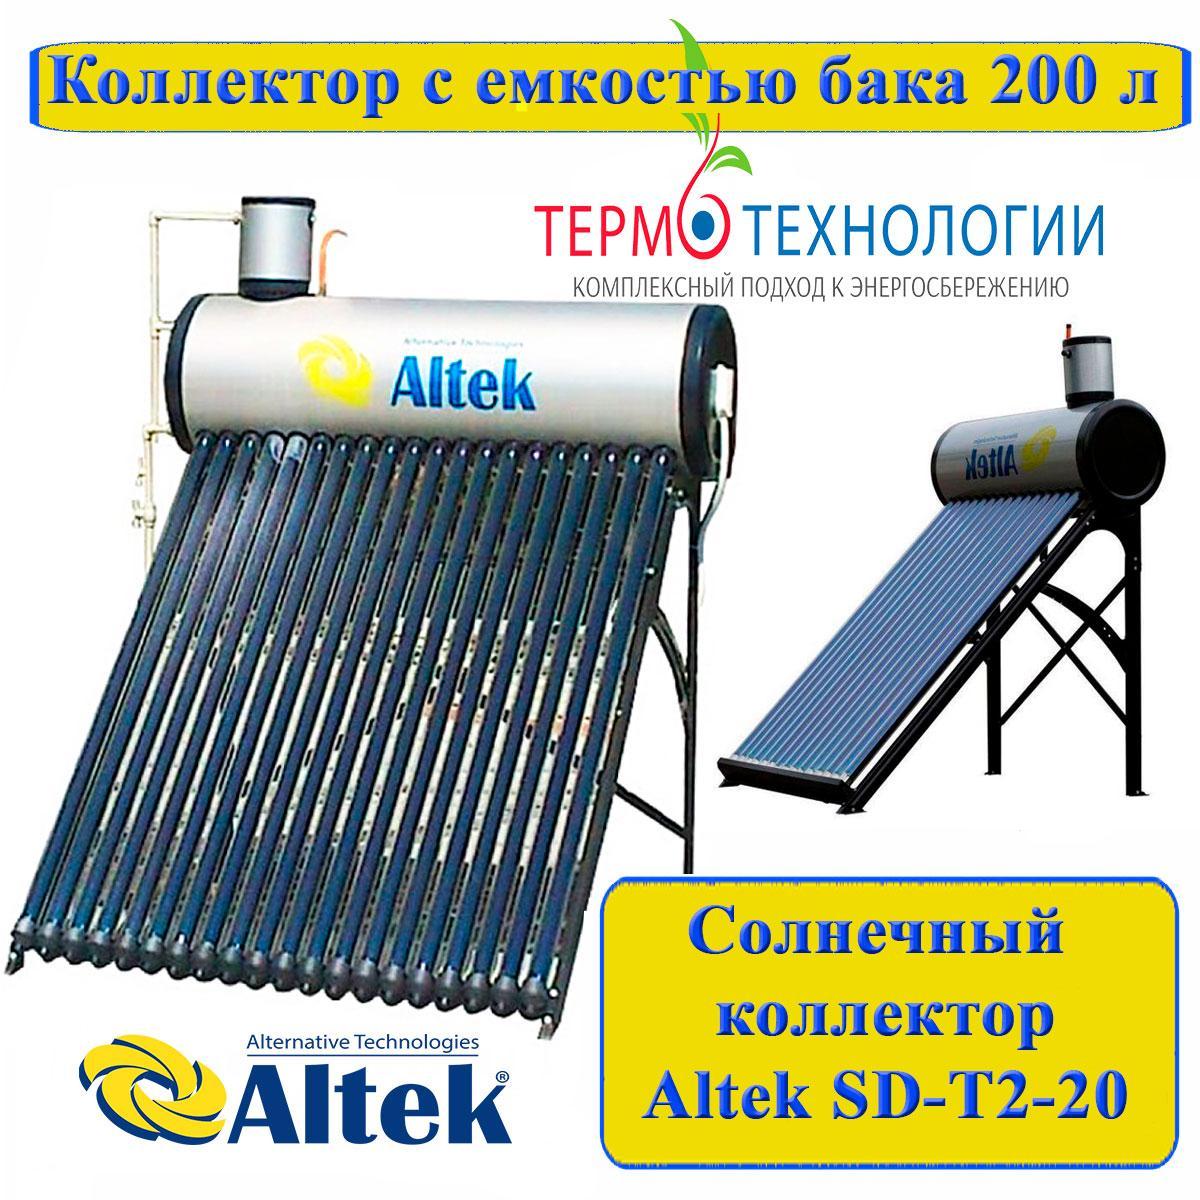 Сезонный солнечный коллектор Altek SD-T2-20 ГВС на 3-4 человека